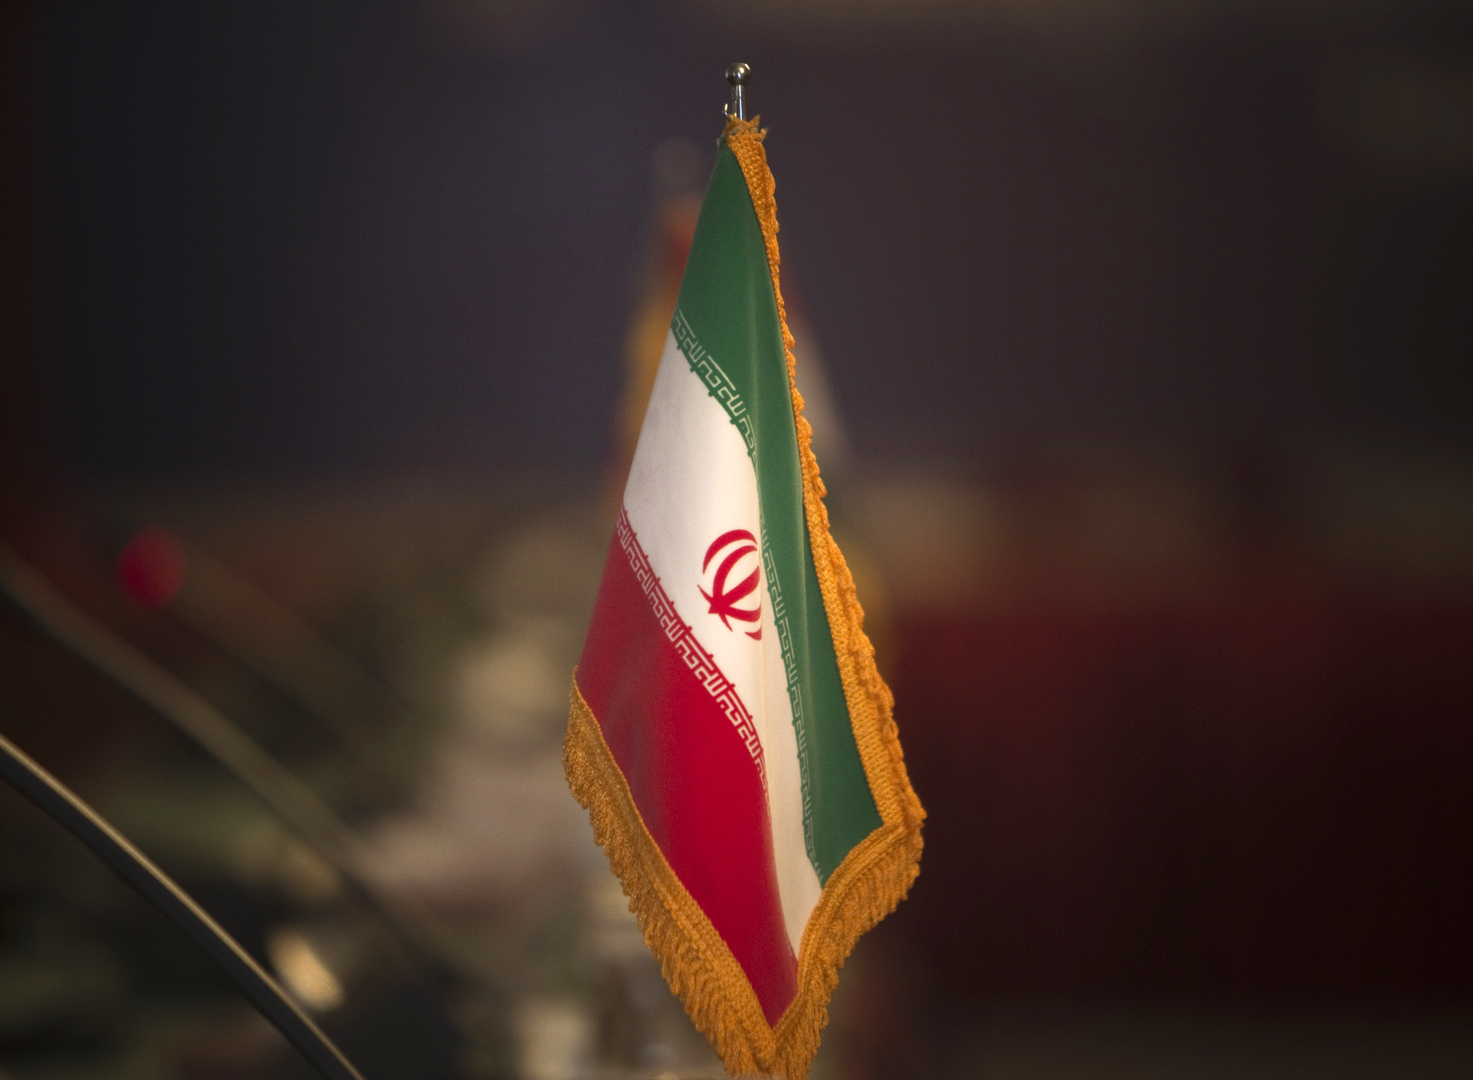 إيران تؤجل موجزا صحفيا بشأن خططها النووية في ظل كارثة إسقاط